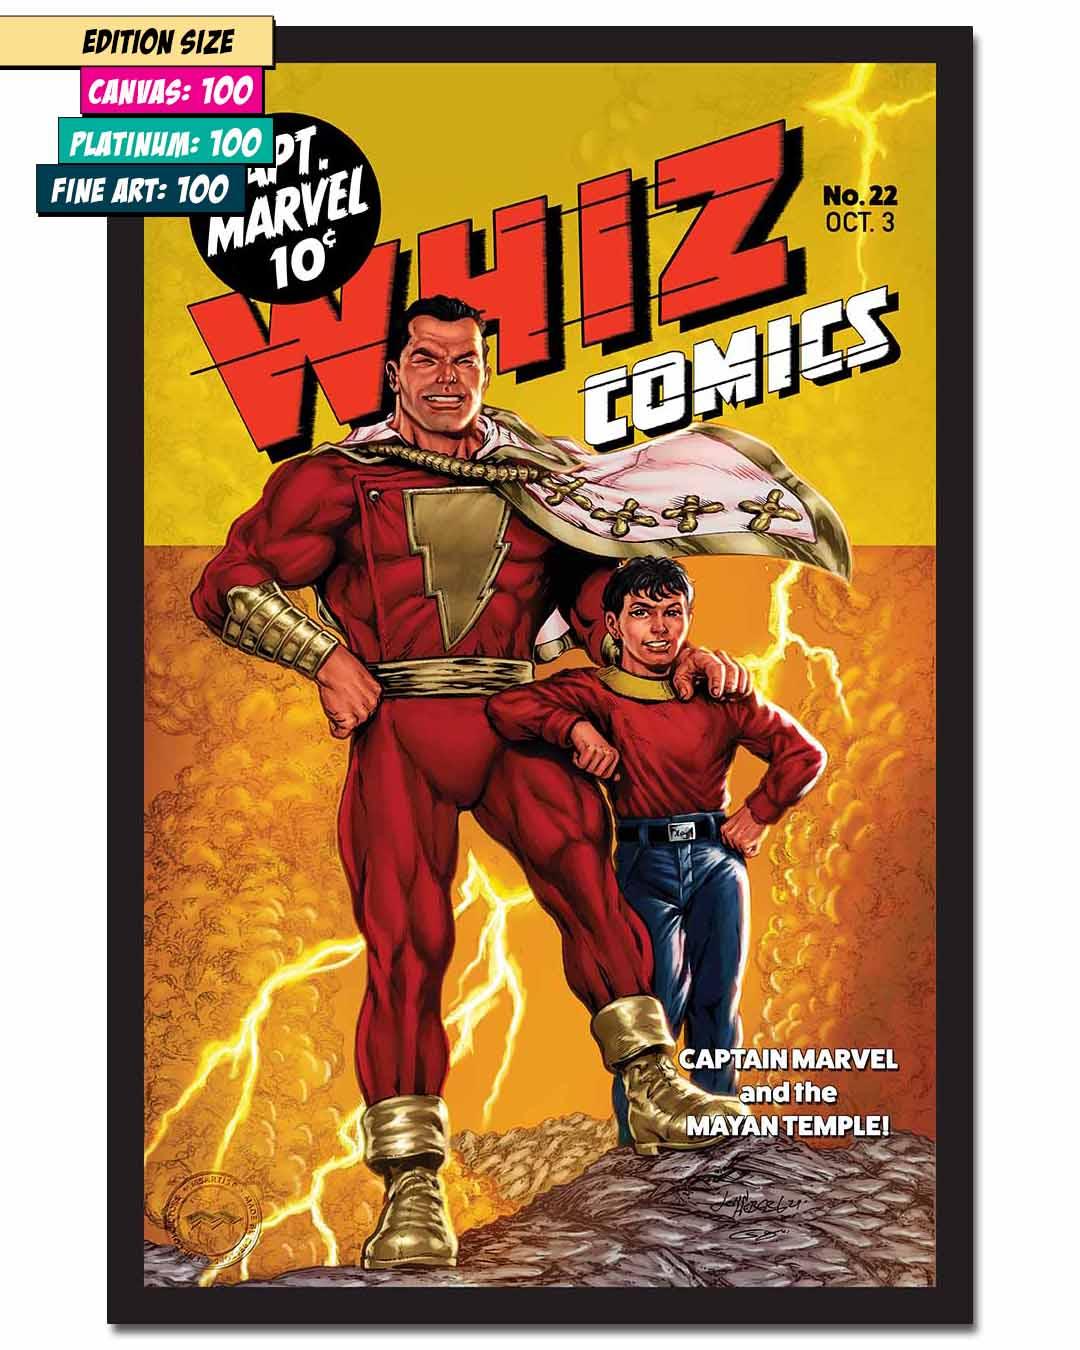 WHIZ COMICS #22: RECREATION